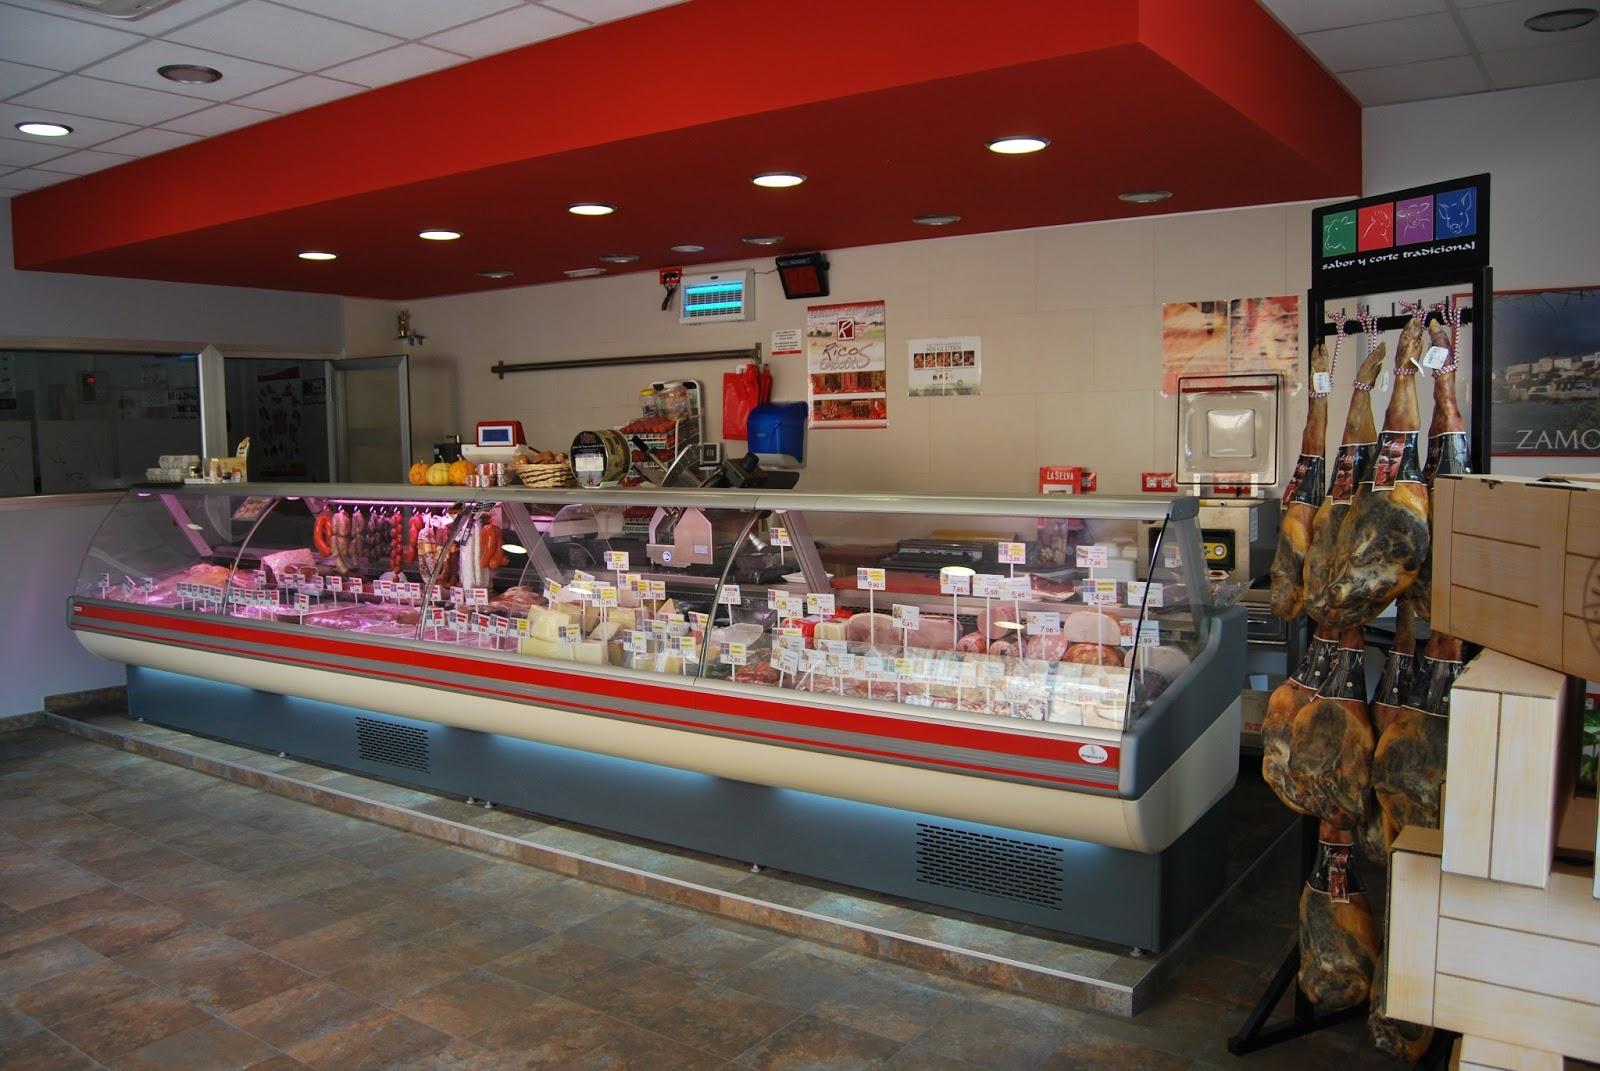 Traspaso carniceria alicante traspaso carniceria alicante bulevard del pla - Mostradores para carniceria ...